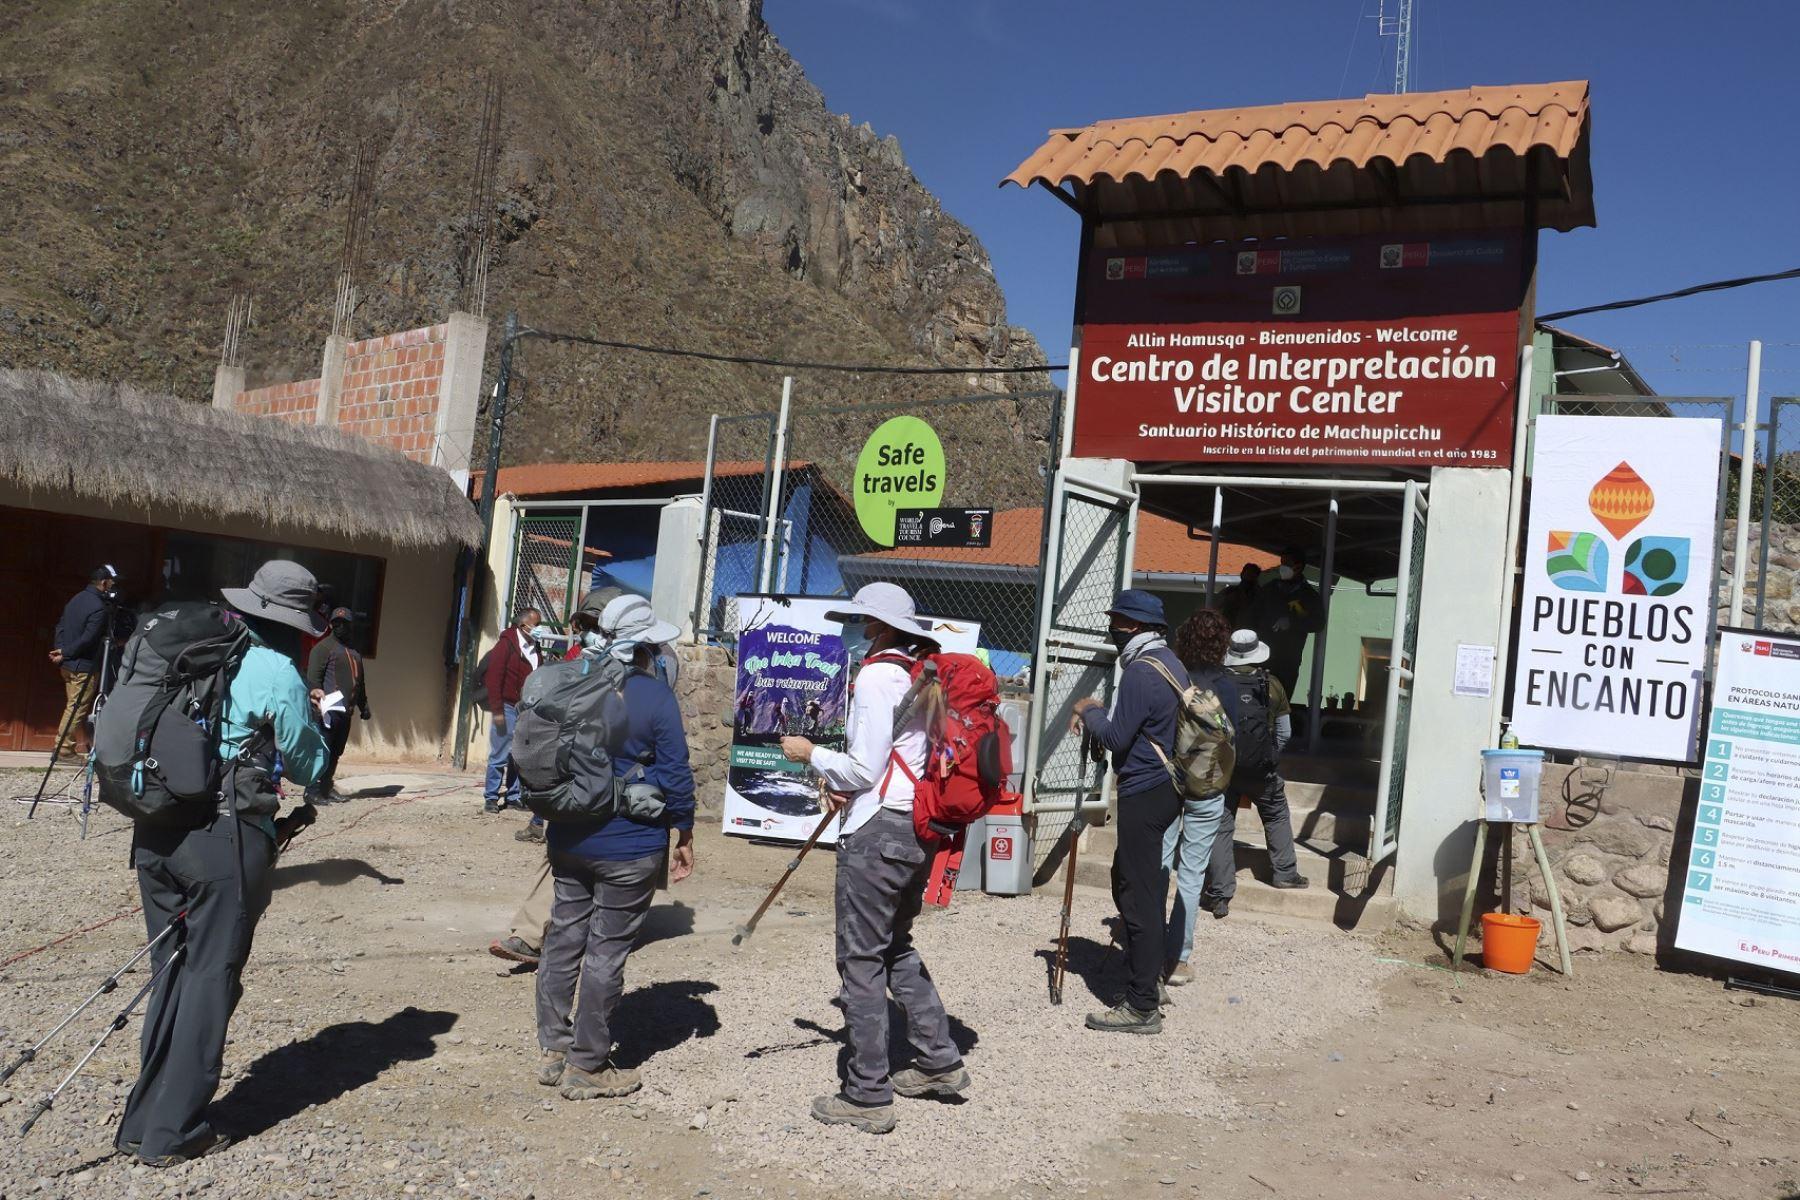 En el recorrido por el Centro de Interpretación Piscacucho se puede apreciar una impresionante exposición sobre la biodiversidad andina y amazónica en el Santuario Histórico Machu Picchu. Foto: ANDINA/difusión.